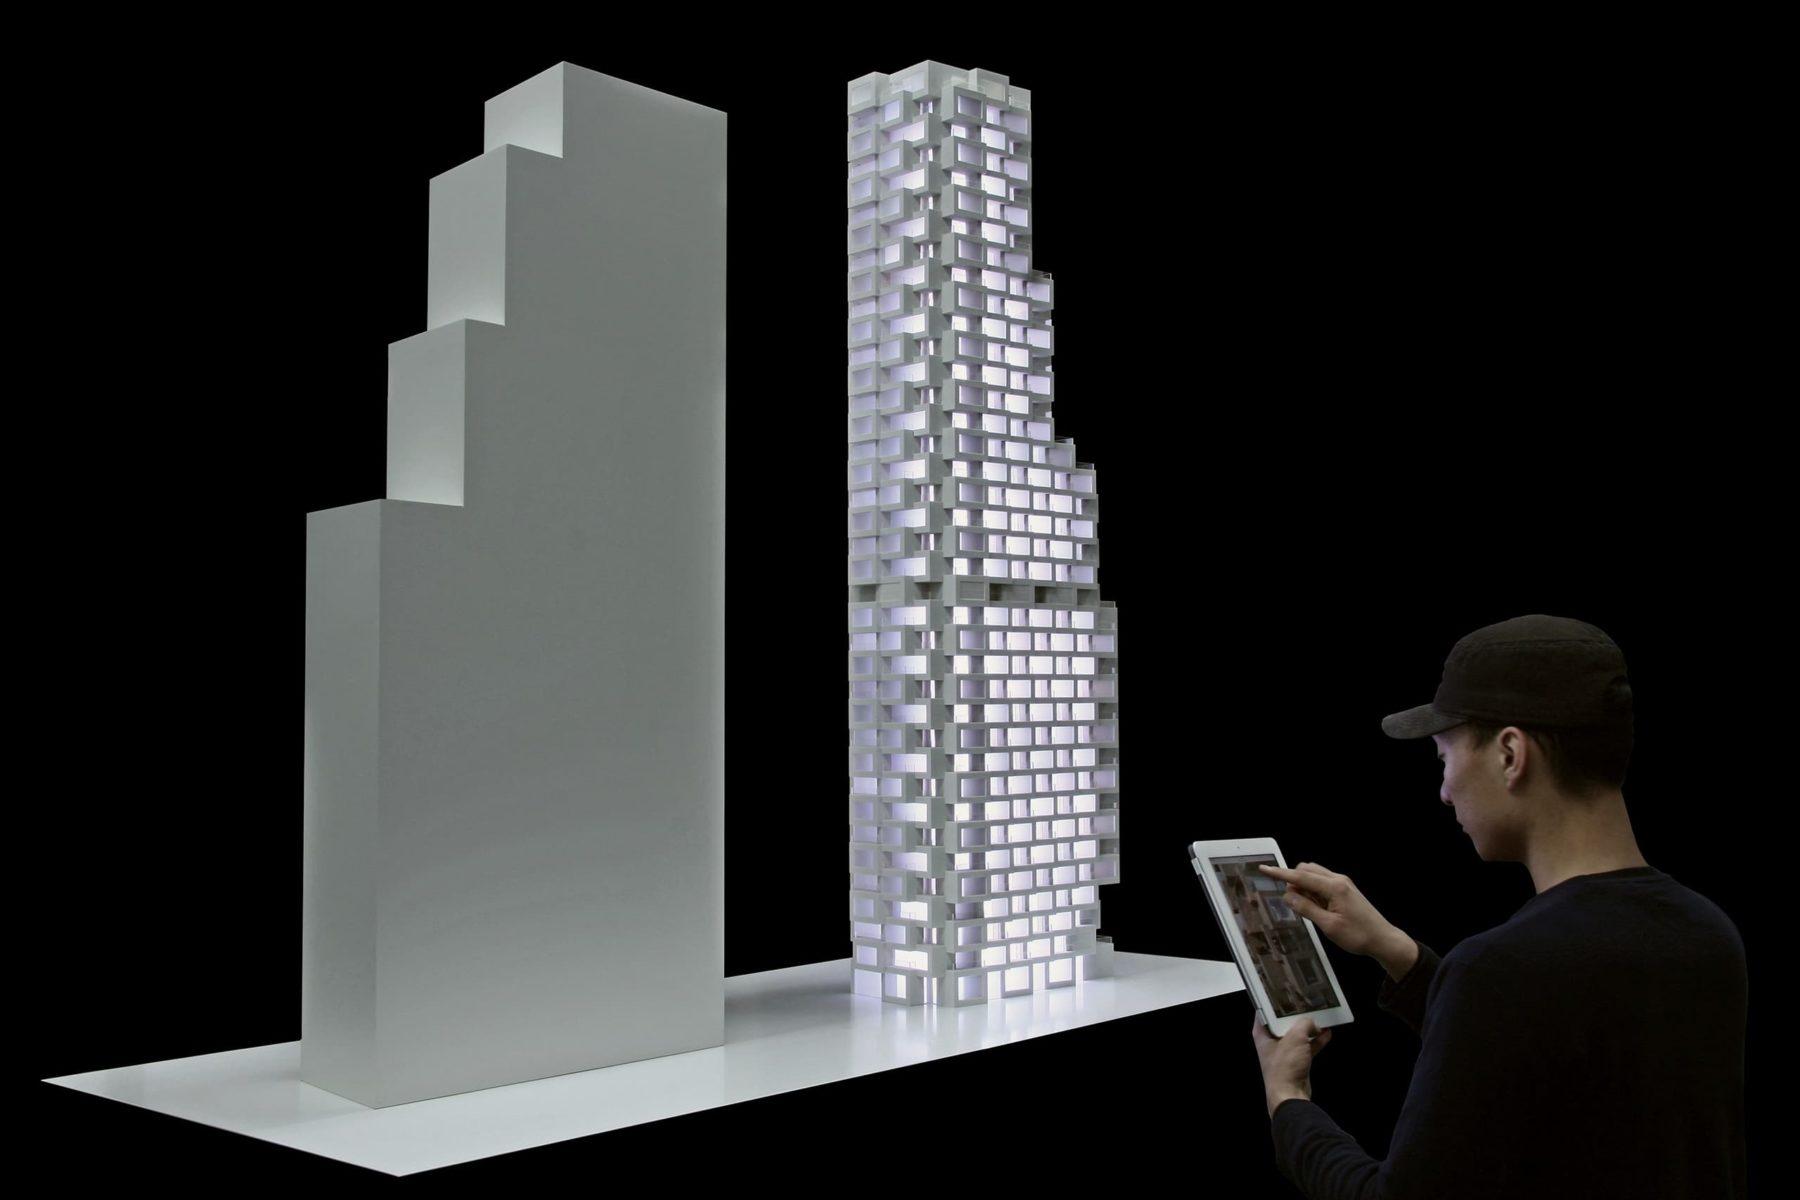 Architekturmodell Helix Innovation der Norra Tornen in Stockholm mit IPad Steuerung